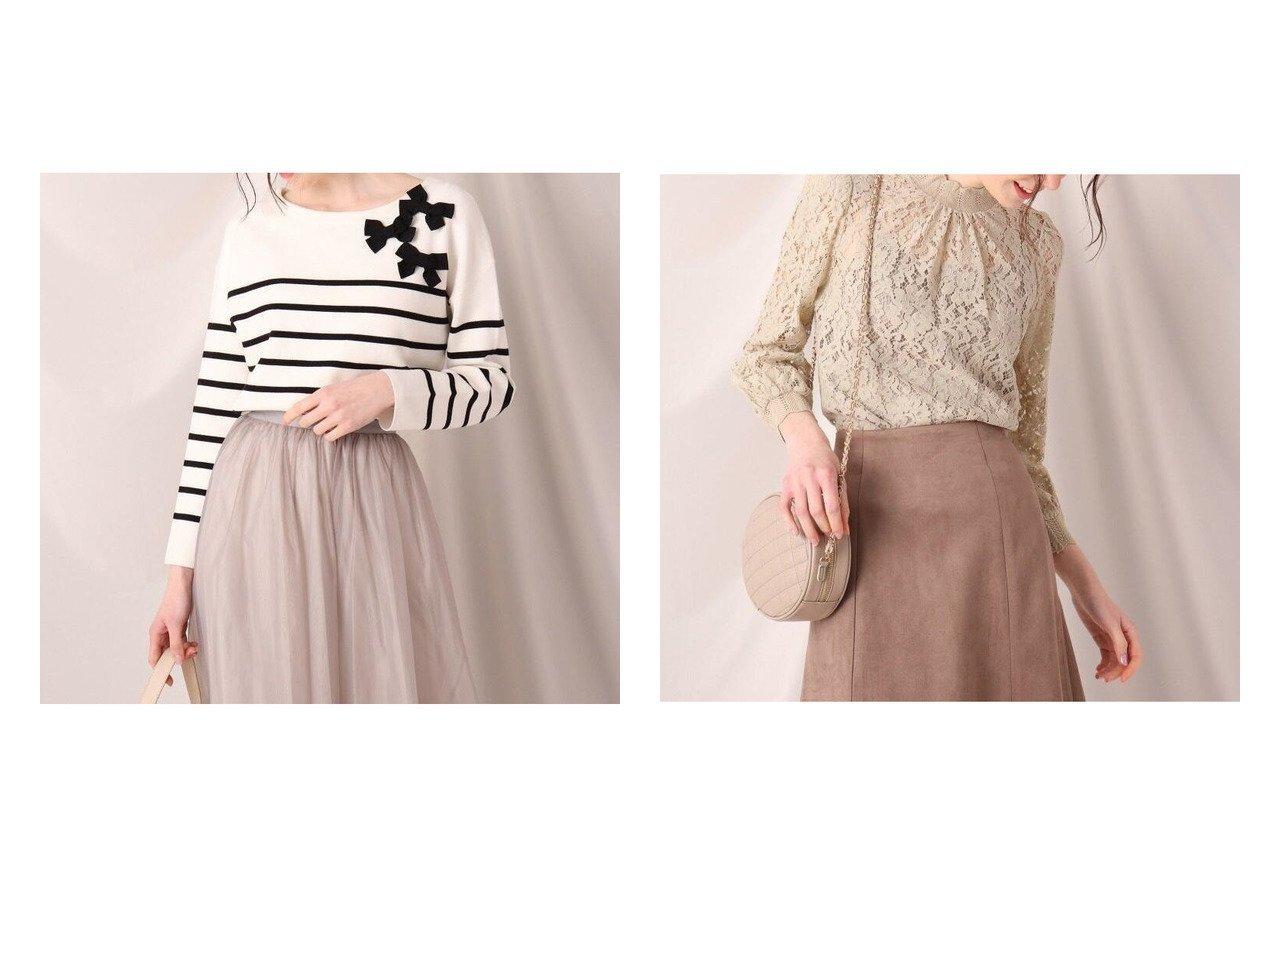 【Couture Brooch/クチュール ブローチ】のミラノリブボーダーニット&フラワーレースクロシェブラウス トップス・カットソーのおすすめ!人気、トレンド・レディースファッションの通販 おすすめで人気の流行・トレンド、ファッションの通販商品 メンズファッション・キッズファッション・インテリア・家具・レディースファッション・服の通販 founy(ファニー) https://founy.com/ ファッション Fashion レディースファッション WOMEN トップス カットソー Tops Tshirt ニット Knit Tops シャツ/ブラウス Shirts Blouses NEW・新作・新着・新入荷 New Arrivals インナー セーター チュニック ブローチ ボーダー ミラノリブ おすすめ Recommend カフス キャミソール サテン センター レース 透かし |ID:crp329100000022982